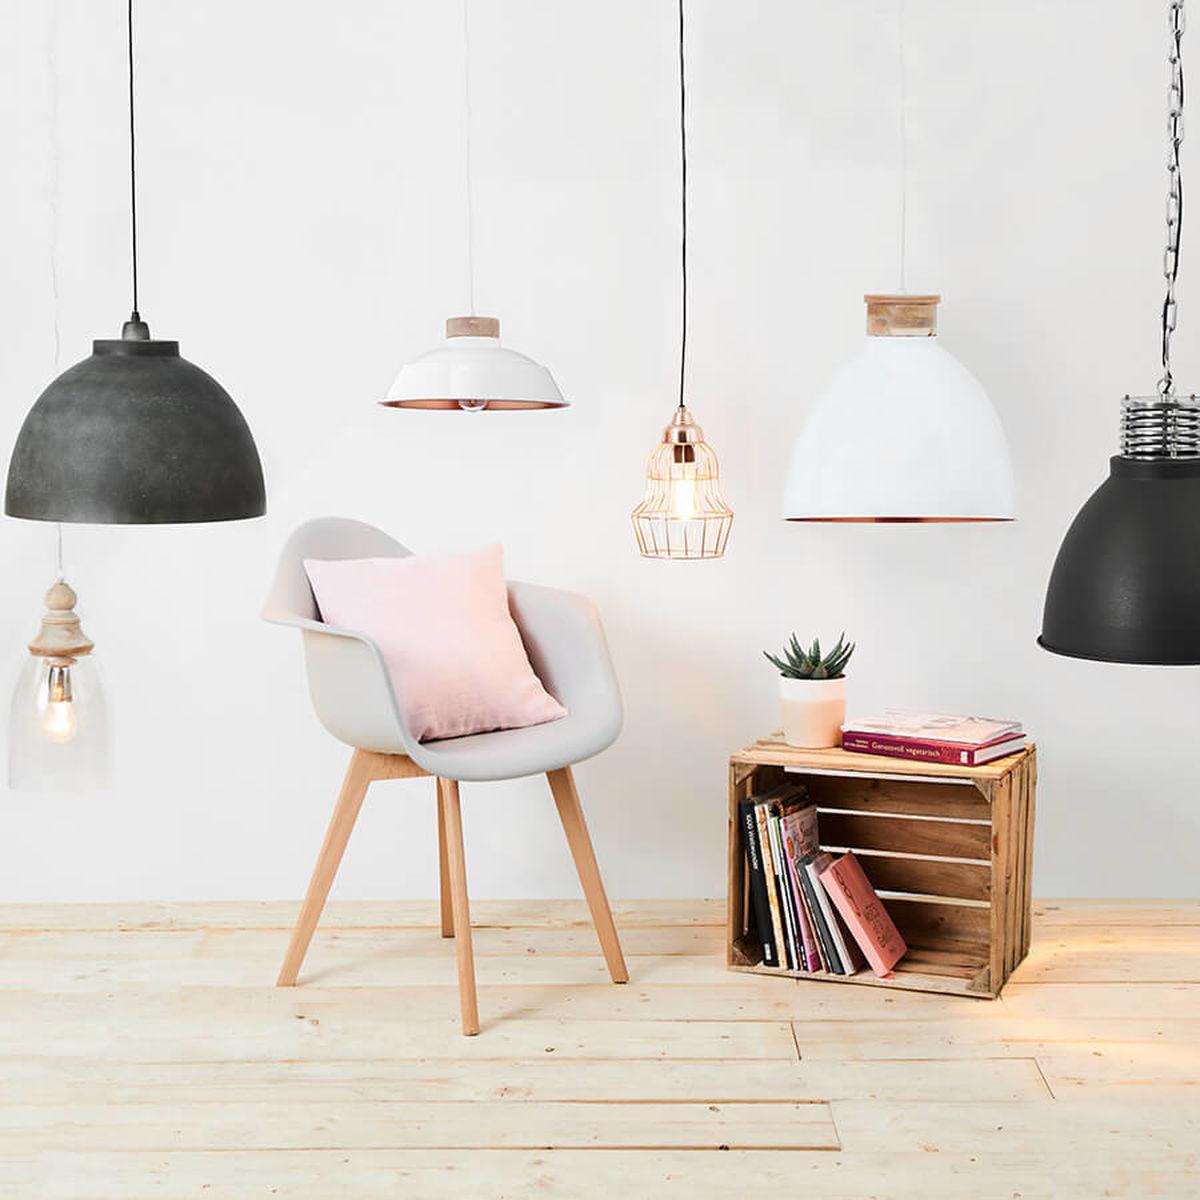 Lampen Online Kaufen  Leuchten Design Lampen online kaufen